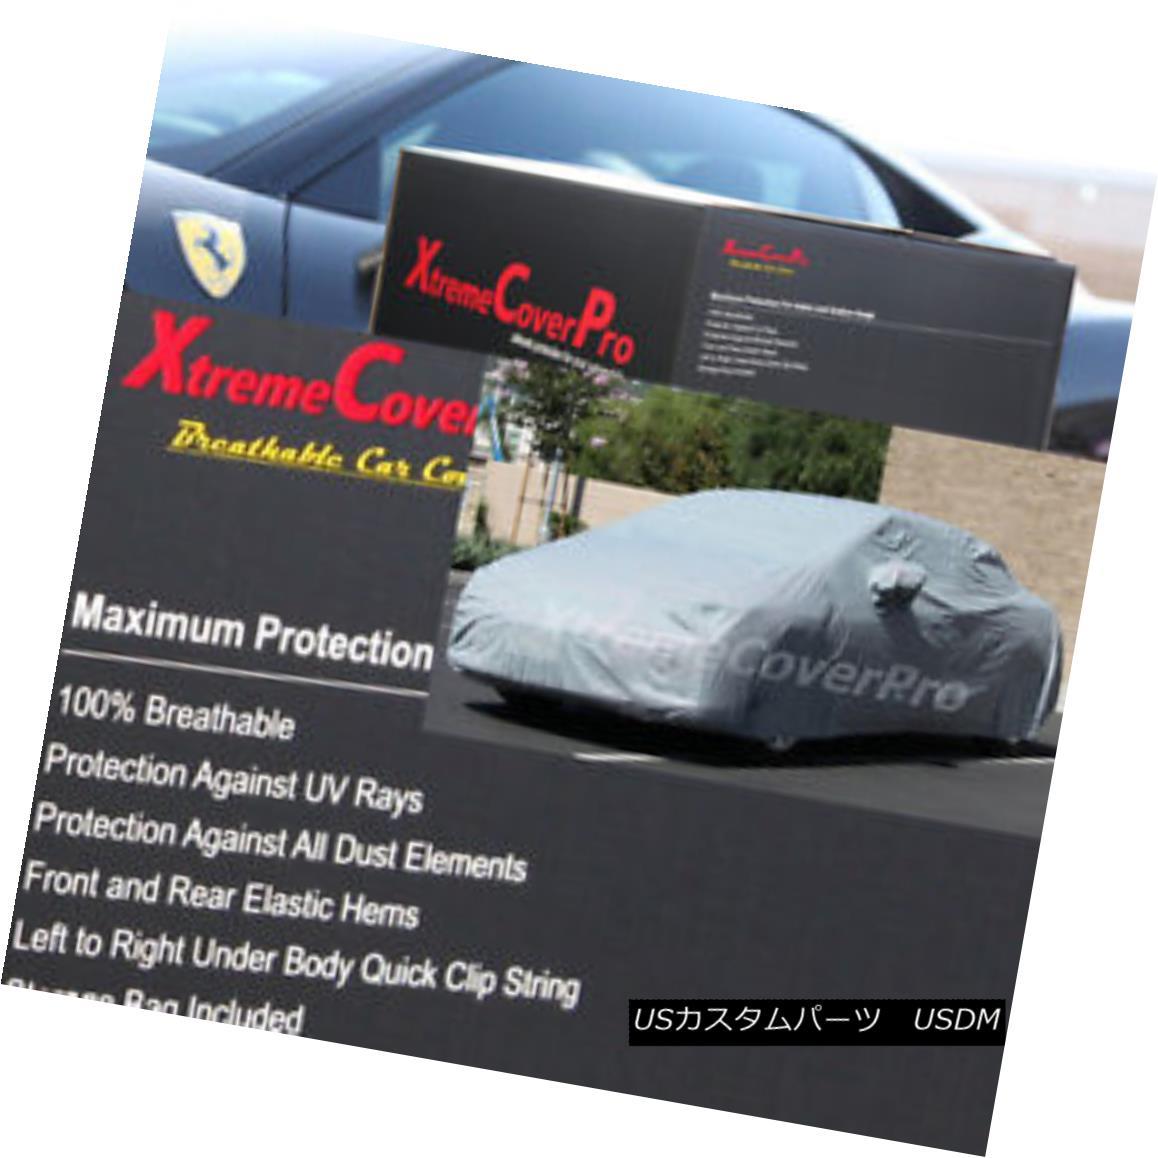 カーカバー 2004 2005 2006 2007 2008 Acura TL Breathable Car Cover w/MirrorPocket 2004年2005年2006年2007年2008年Acura TL通気性車カバー付きMirrorPocket